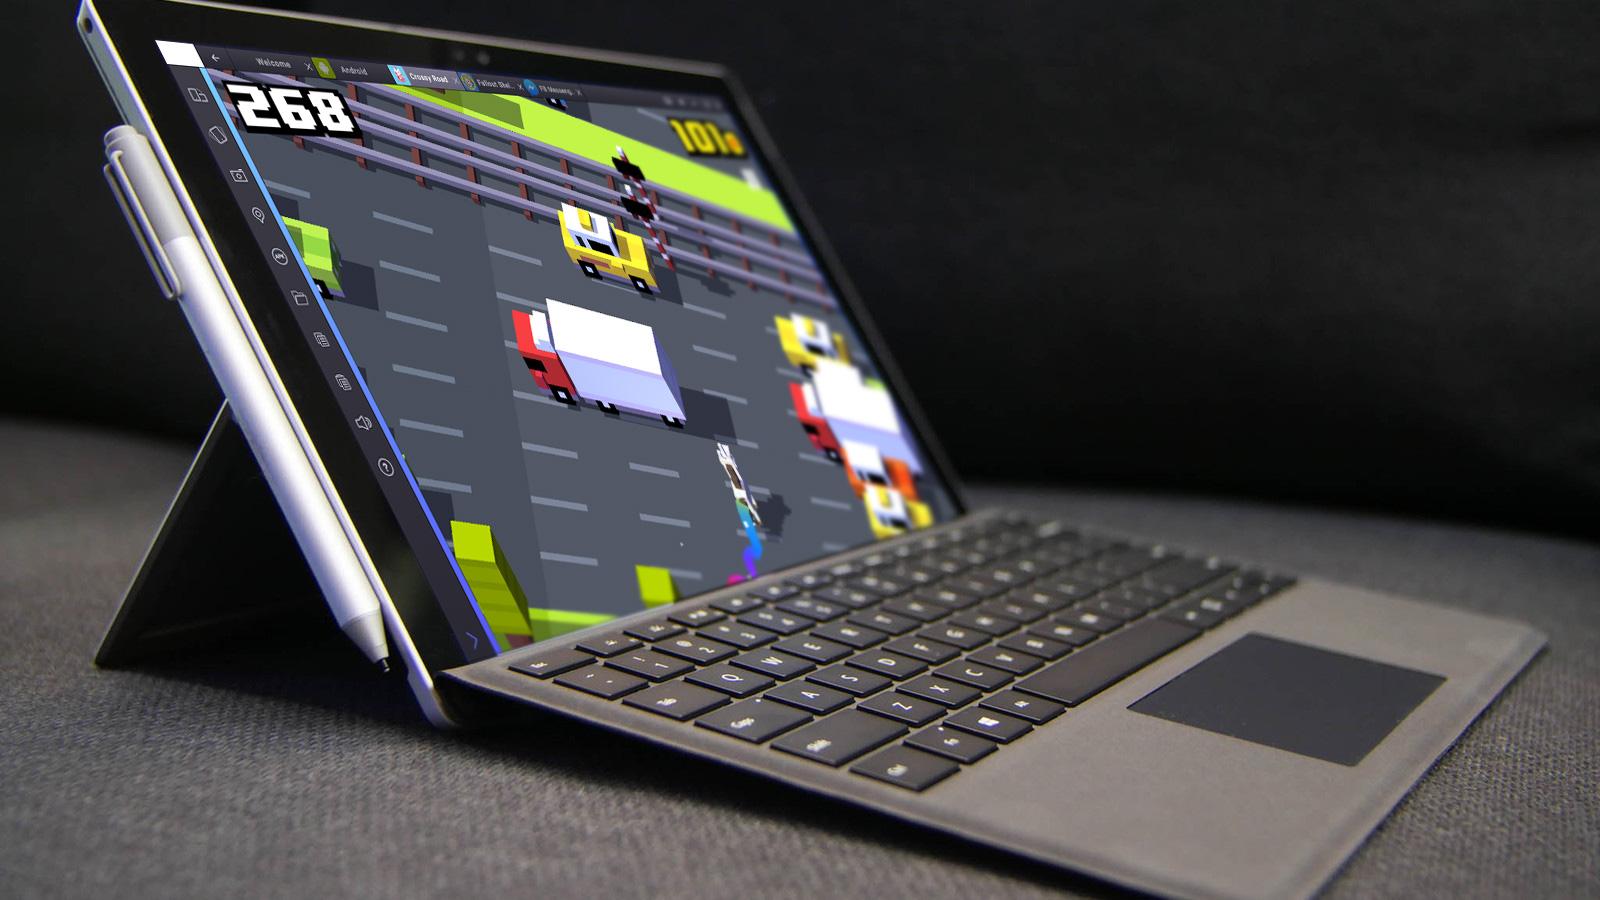 Surface_Pro_4_Running_BlueStacks_2